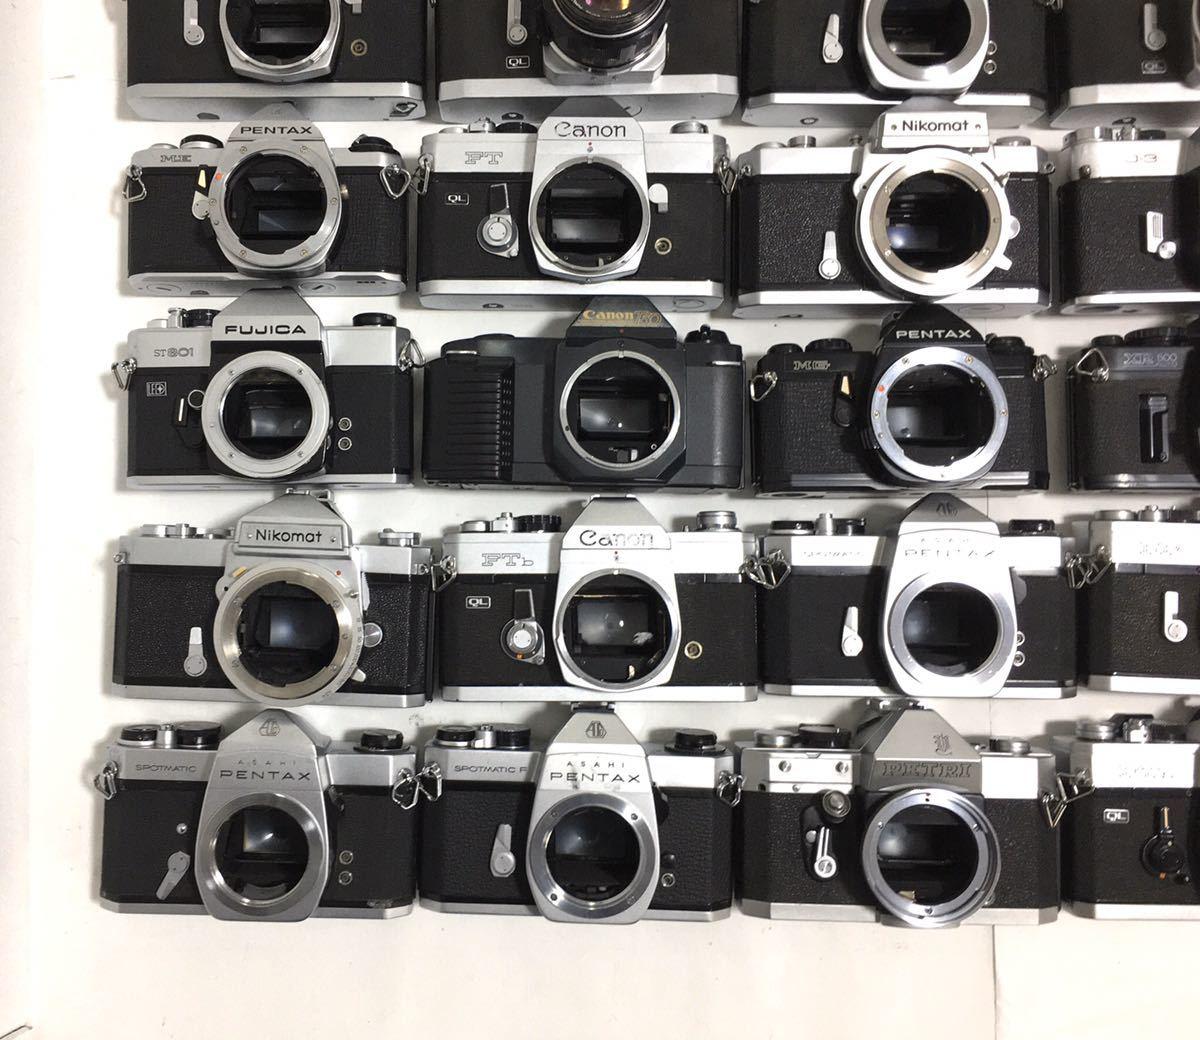 フィルムカメラ 一眼レフ マニュアル 40台 まとめ 大量セット Canon PENTAX MINOLTA Nikon YASHICA RICHO FUJICA その他 動作未確認_画像8